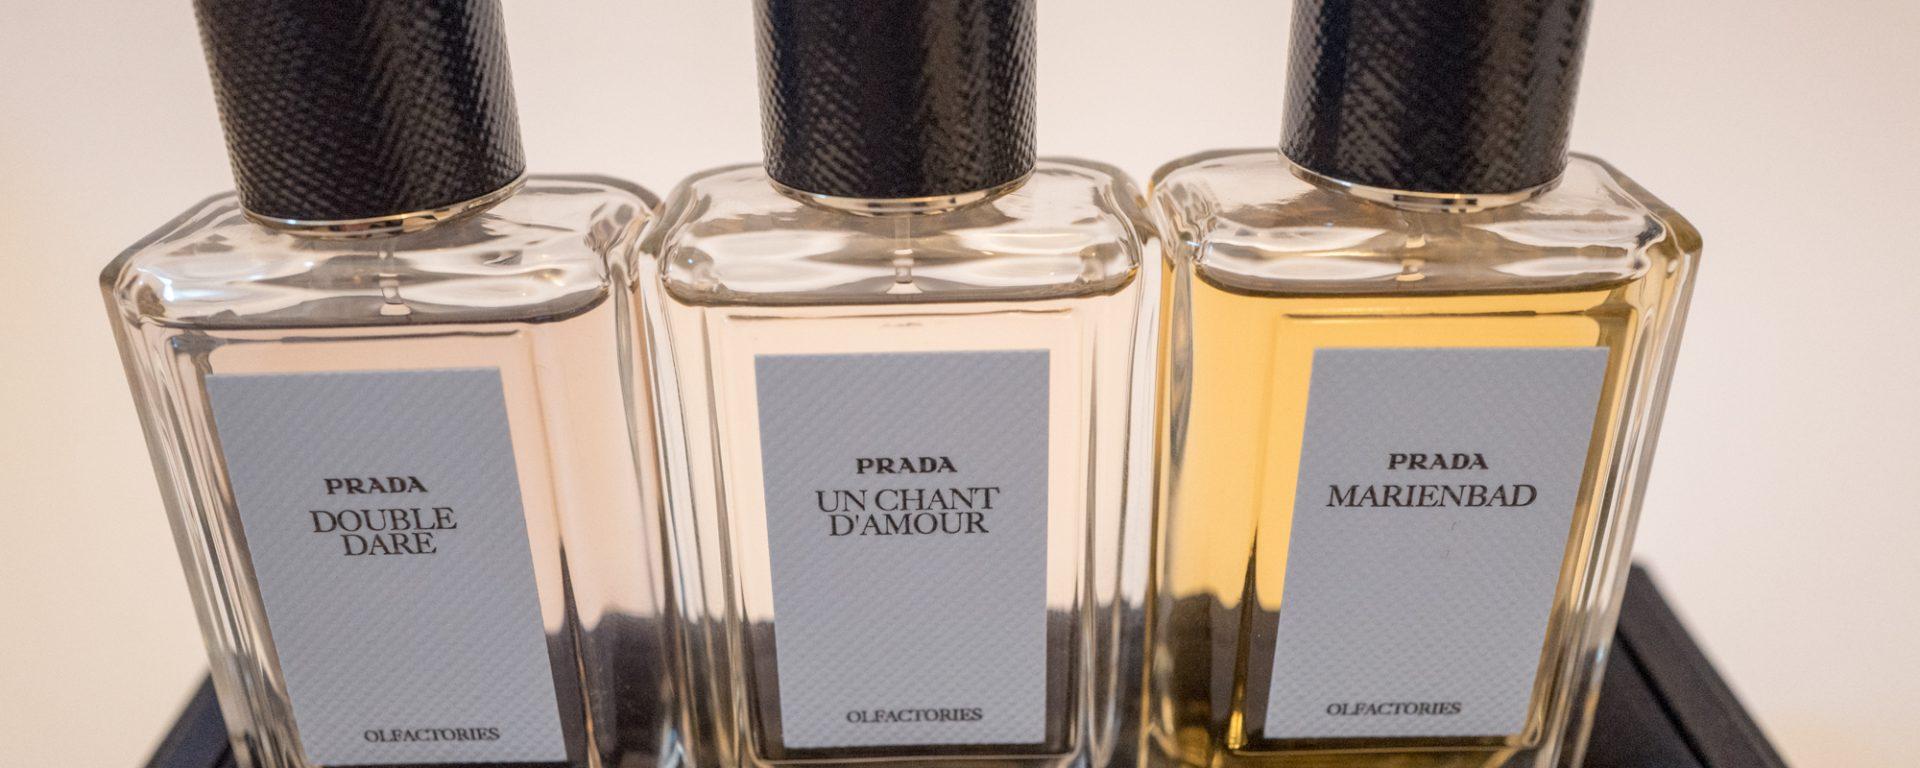 Prada Olfactories iconic scents set